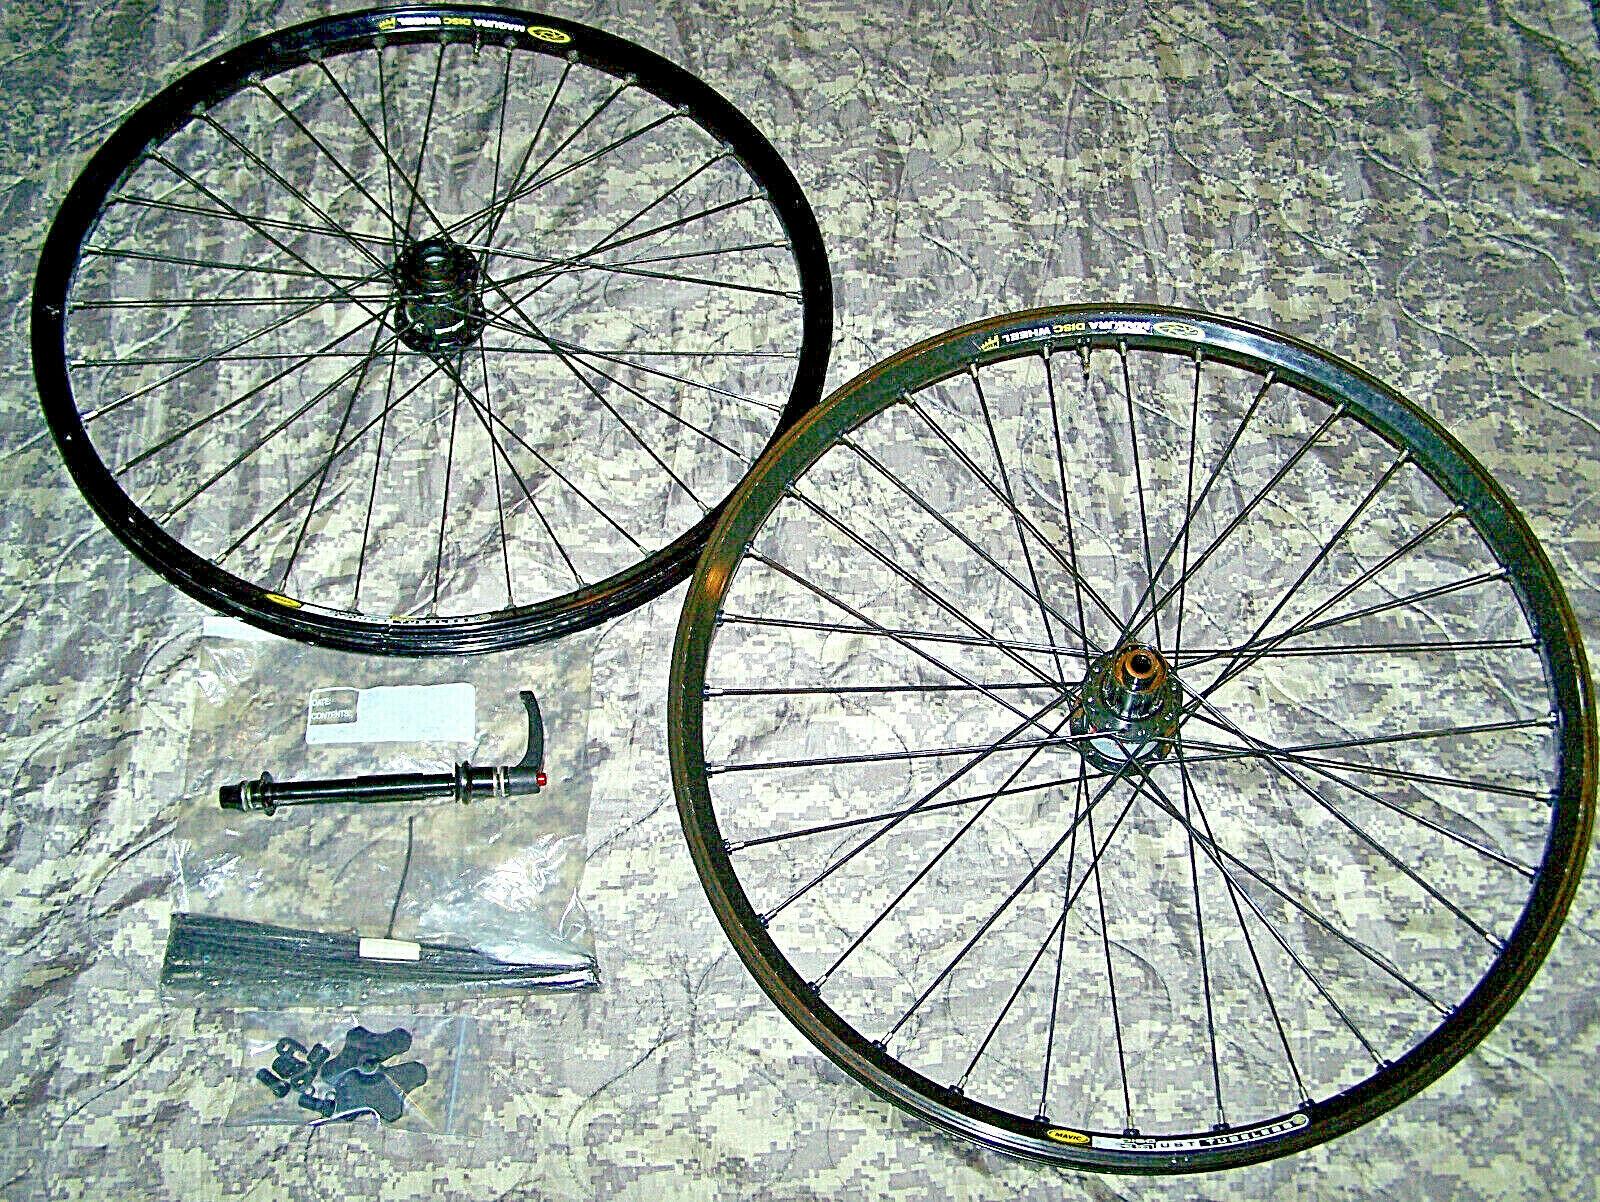 DT SWISS-MAVIC Mtb 26  Alloy Tubeless  Freeride Disc Wheelset branded MAGURA  high quality genuine